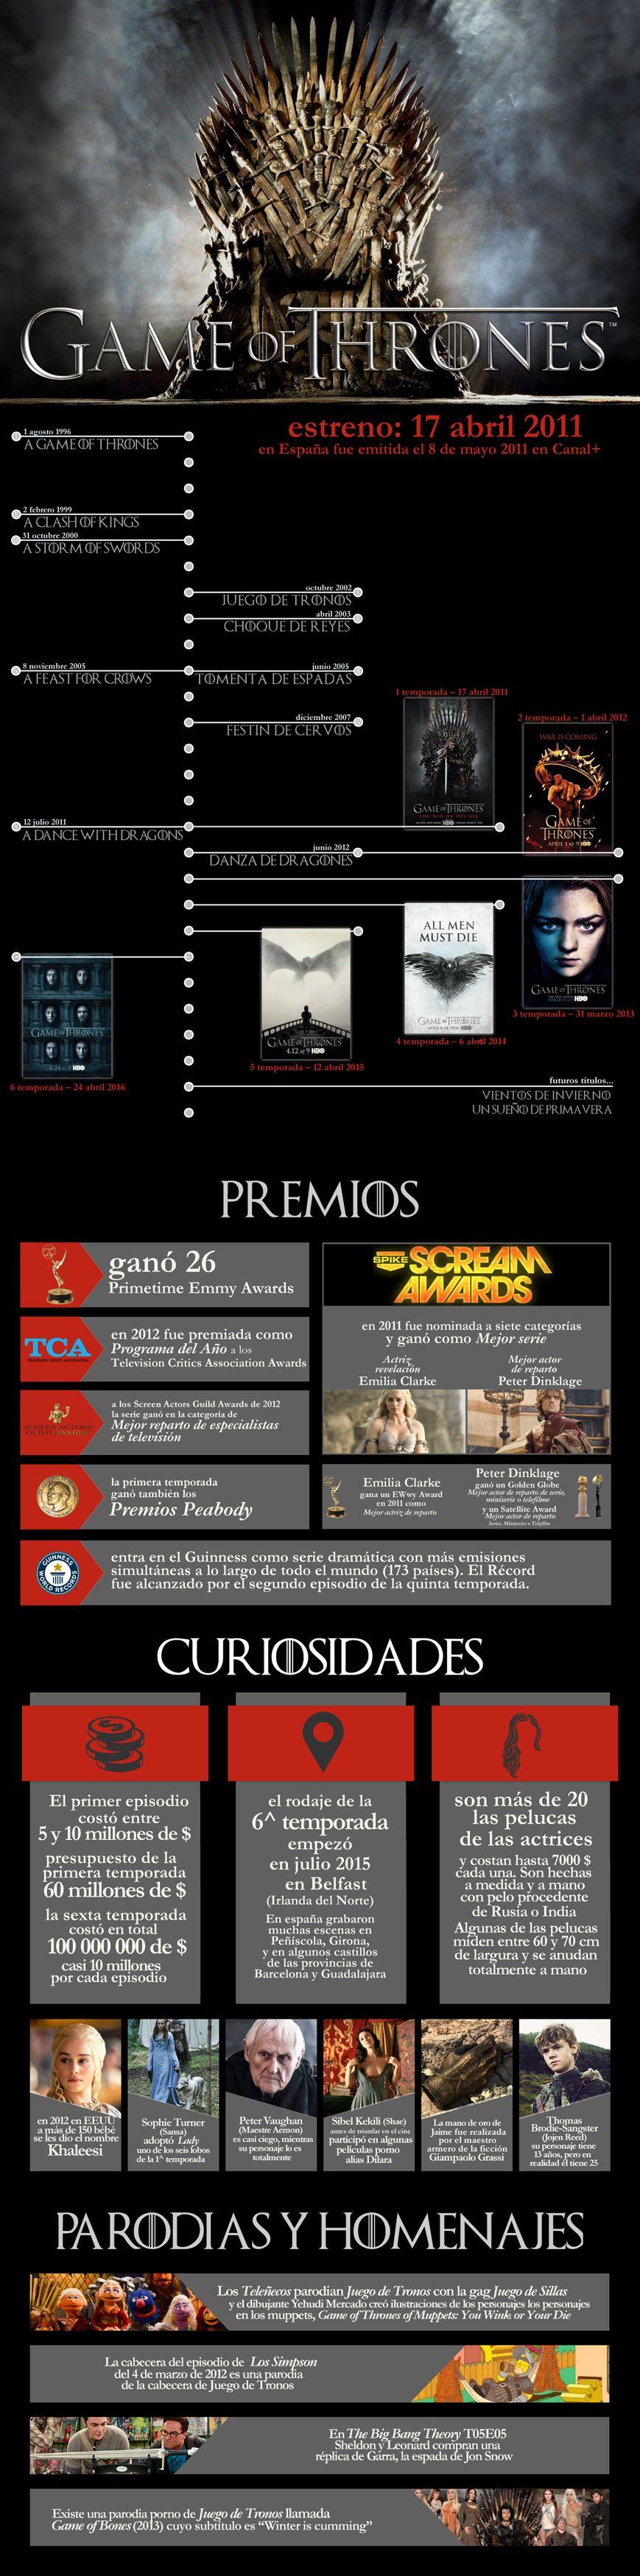 Infografía de Juego de Tronos en el blog de cine